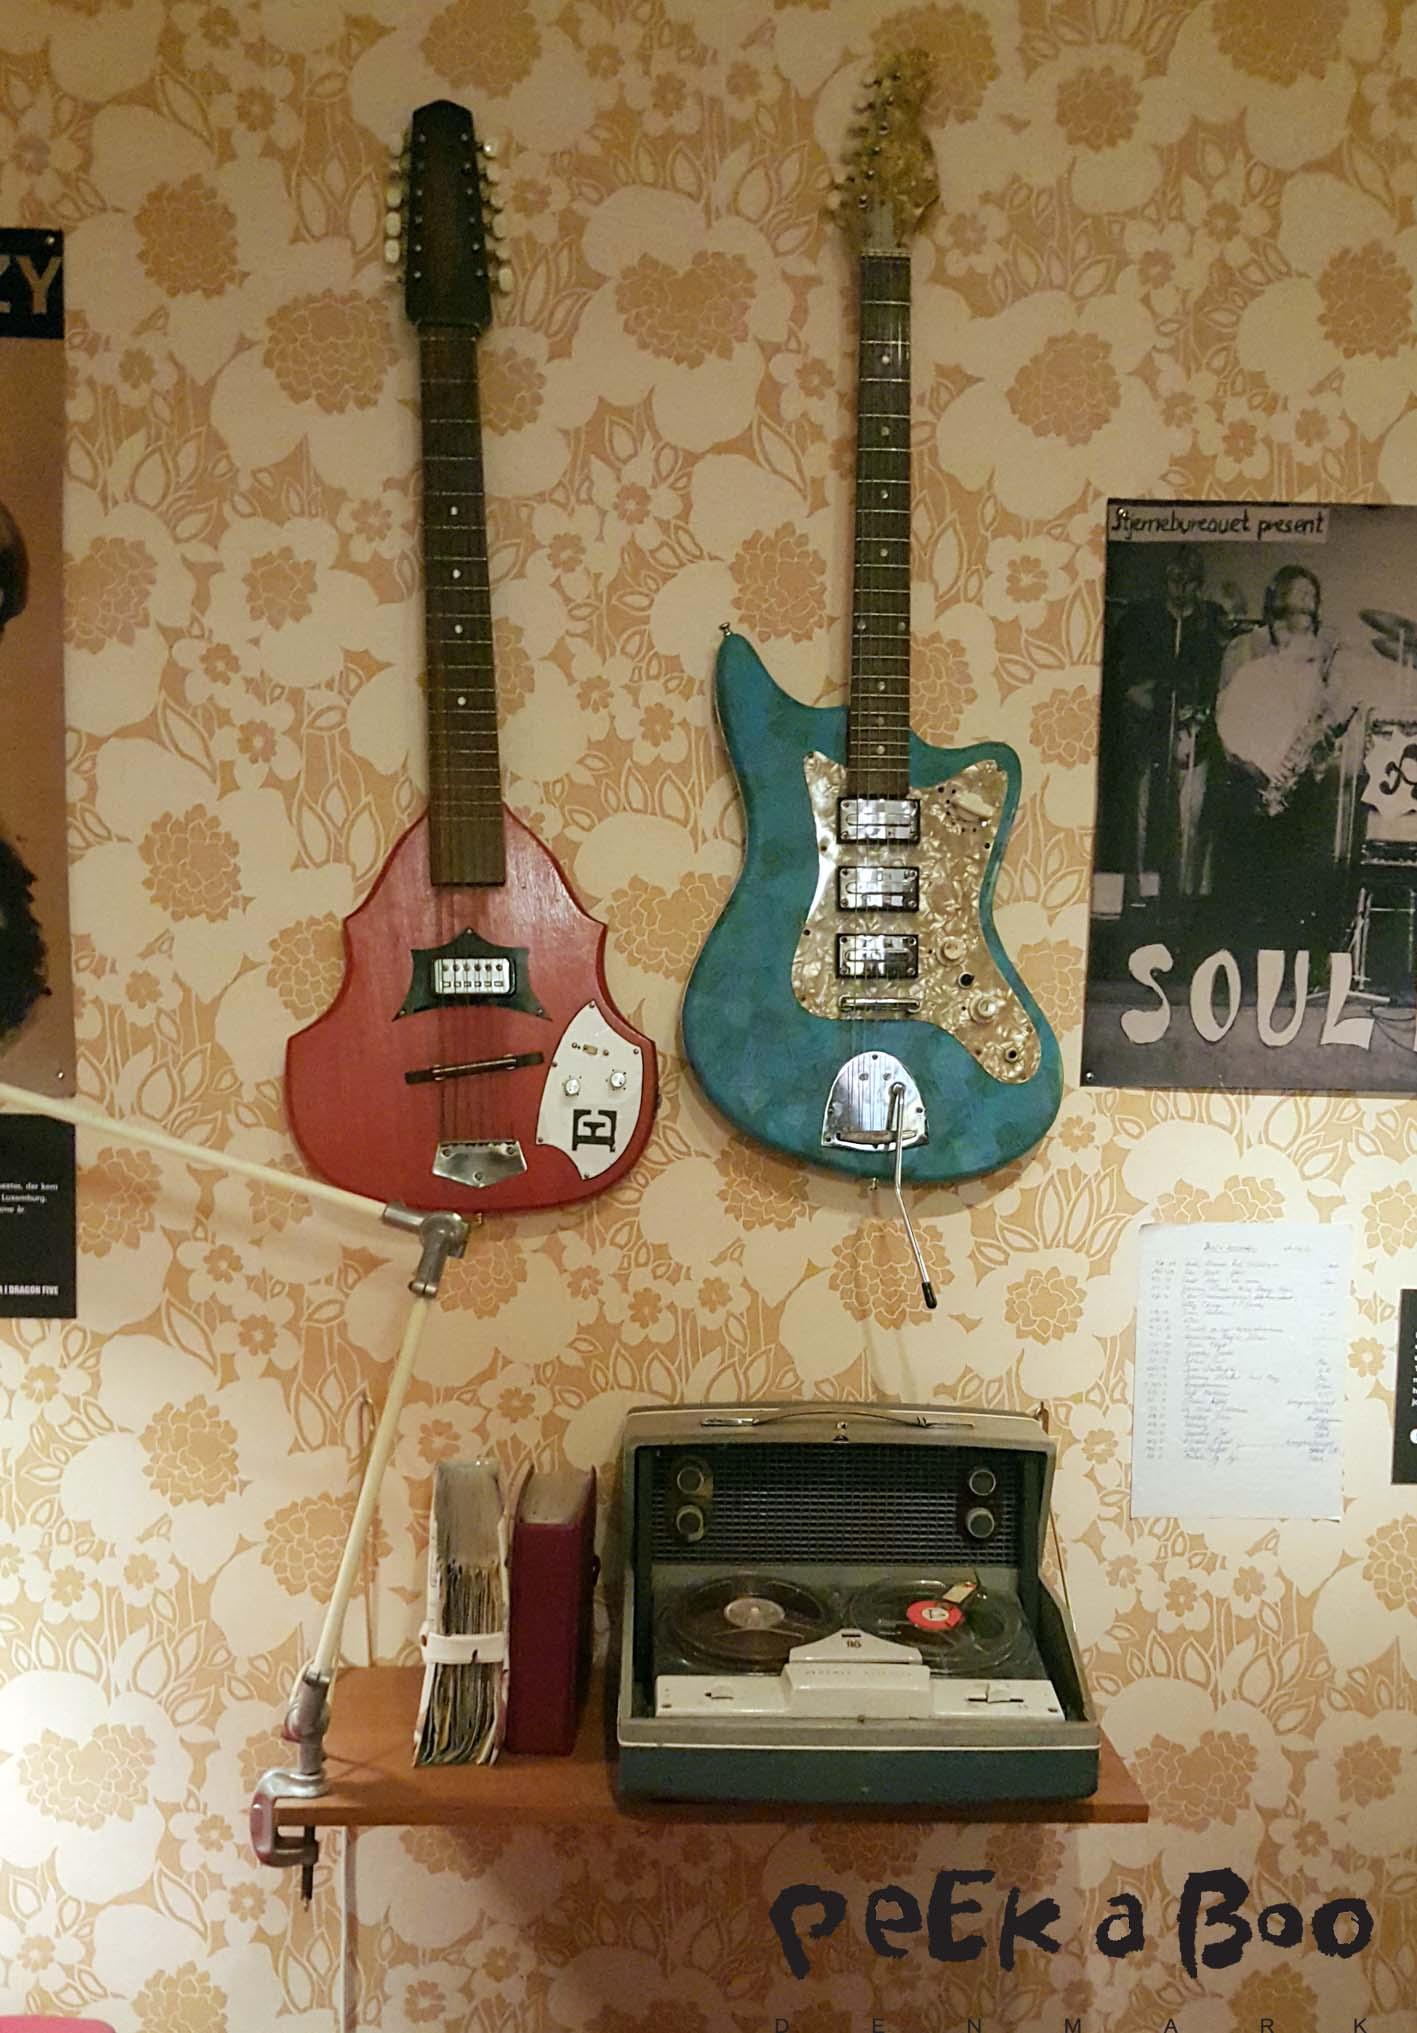 Rock museet i den gamle by- Her var stuer fra 70'erne og masser af musik fra Århus, storhedstid indenfor musikken.